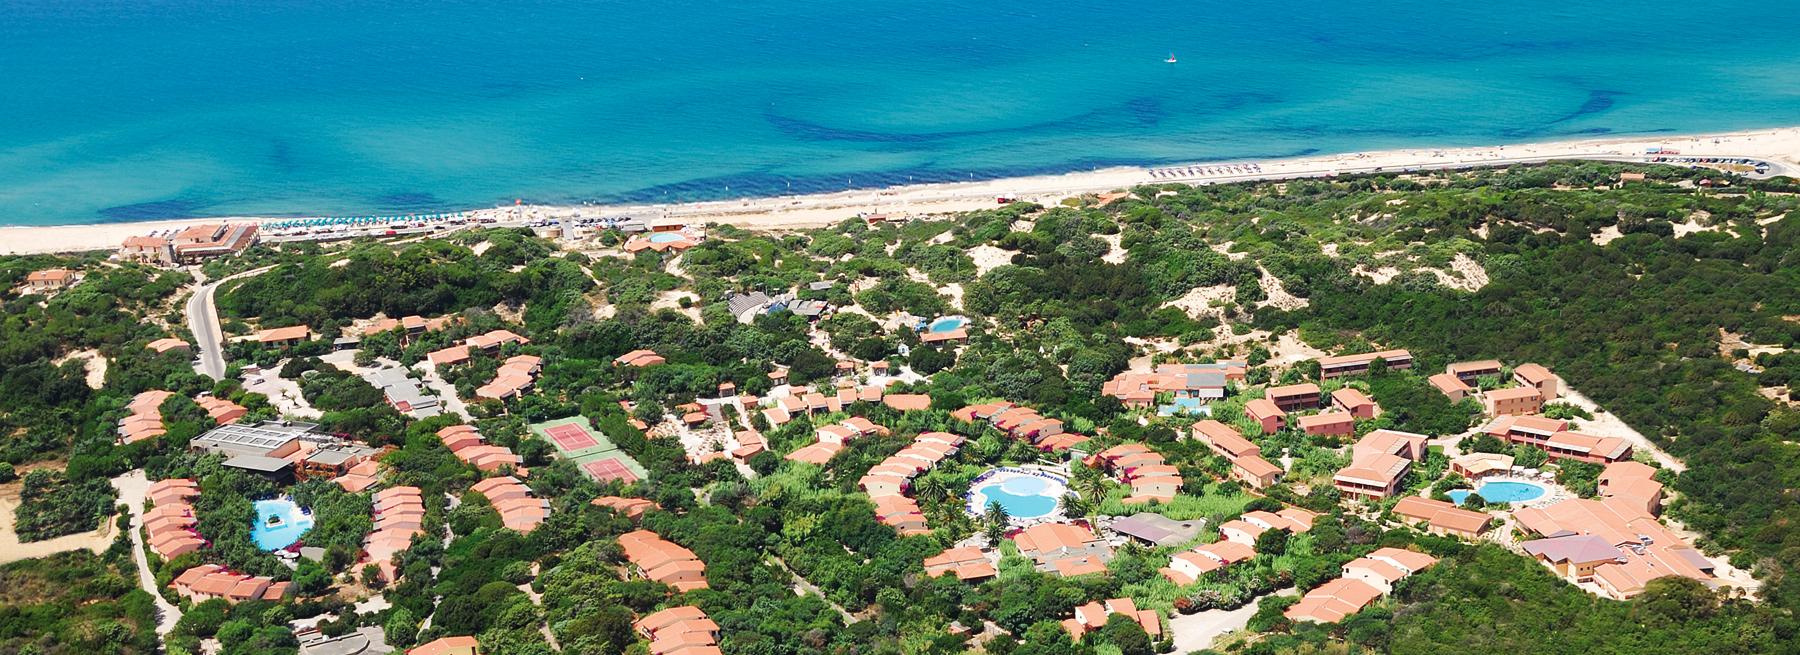 Delphina Sonderangebote & Specials für Hotels auf Sardinien Badesi Sardinien - Italien